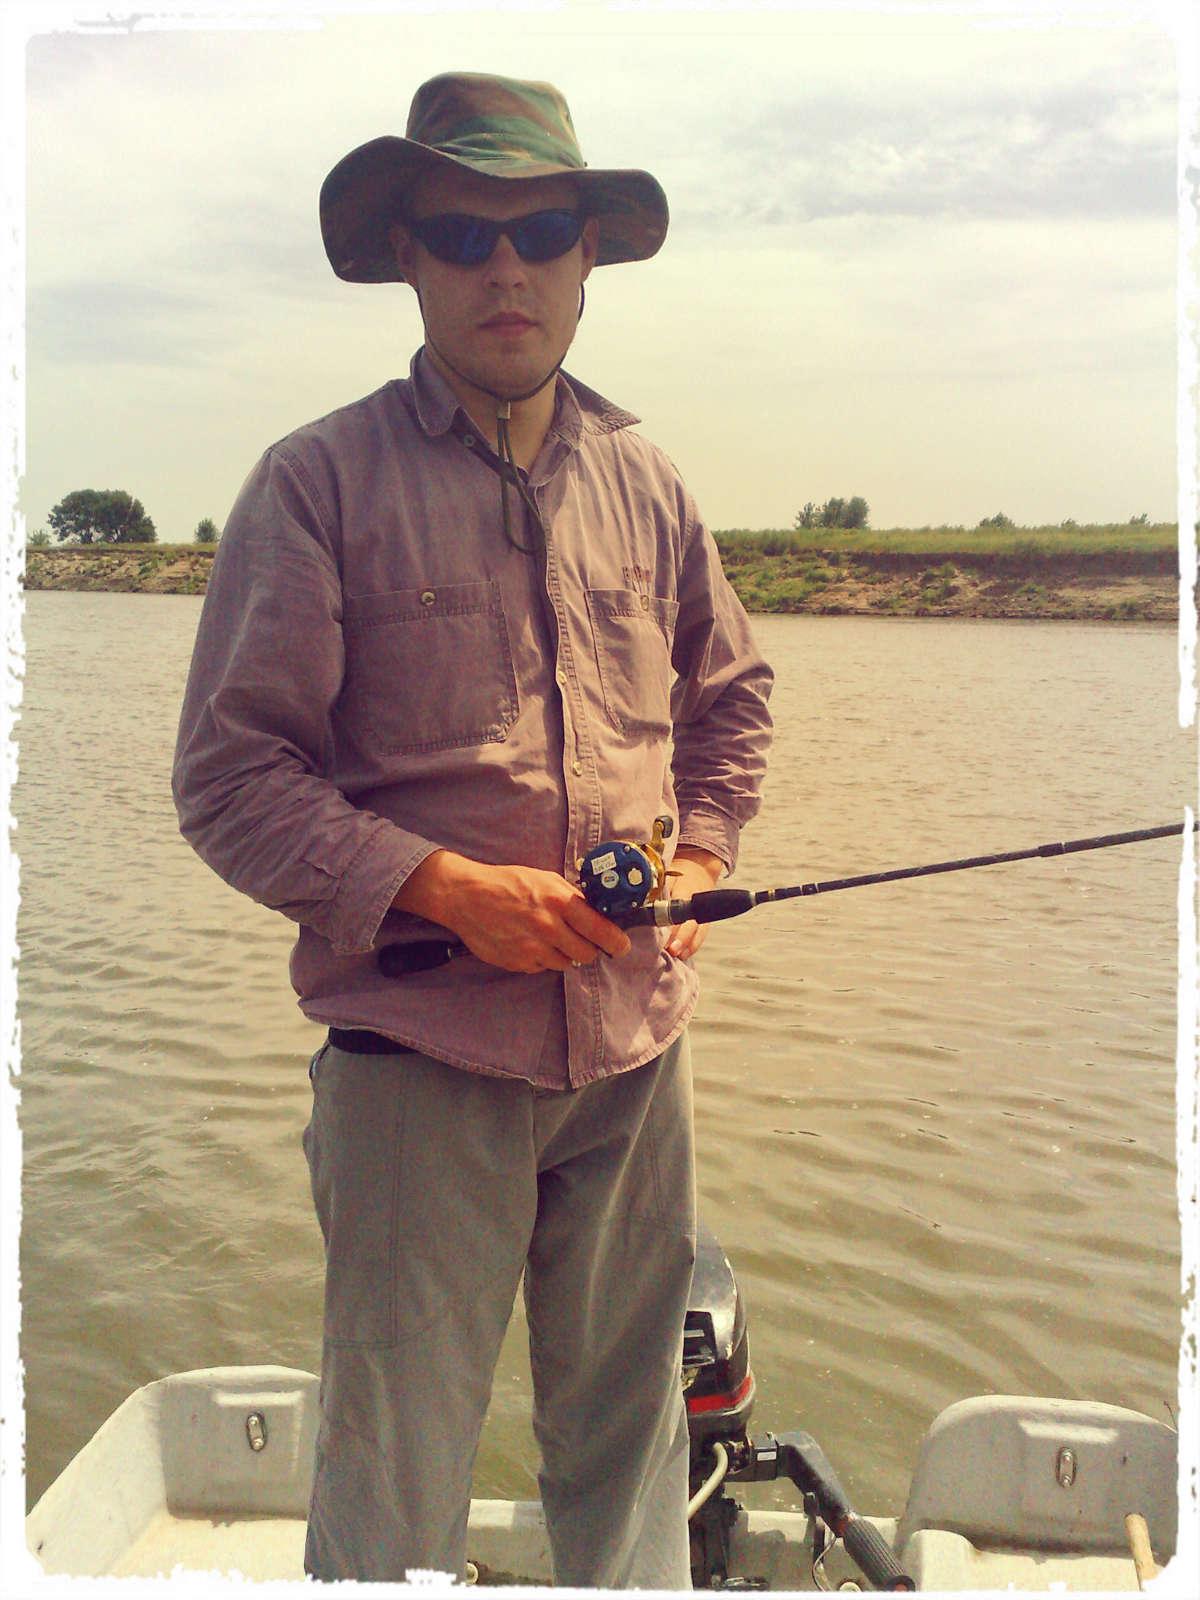 Кастинговое удилище стоит купить тем рыболовам, которые занимаются этим на профессиональном уровне.